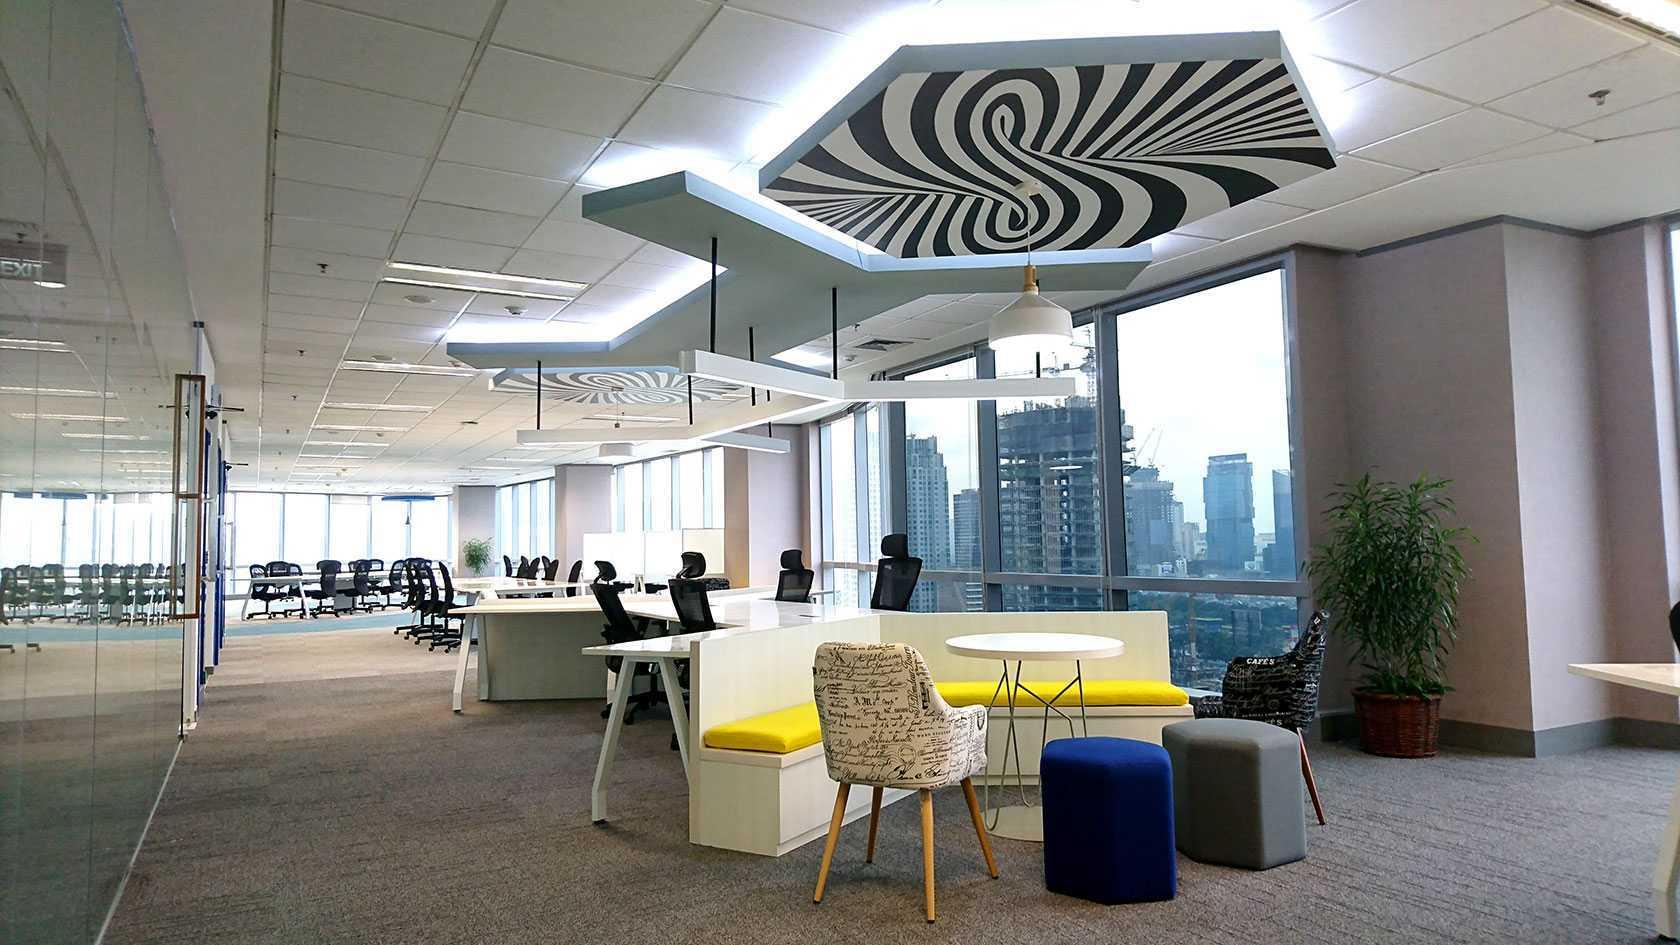 Arkadia Works Allianz Innovation Lab Jakarta, Daerah Khusus Ibukota Jakarta, Indonesia Jakarta, Daerah Khusus Ibukota Jakarta, Indonesia Arkadia-Works-Allianz-Innovation-Lab  73890